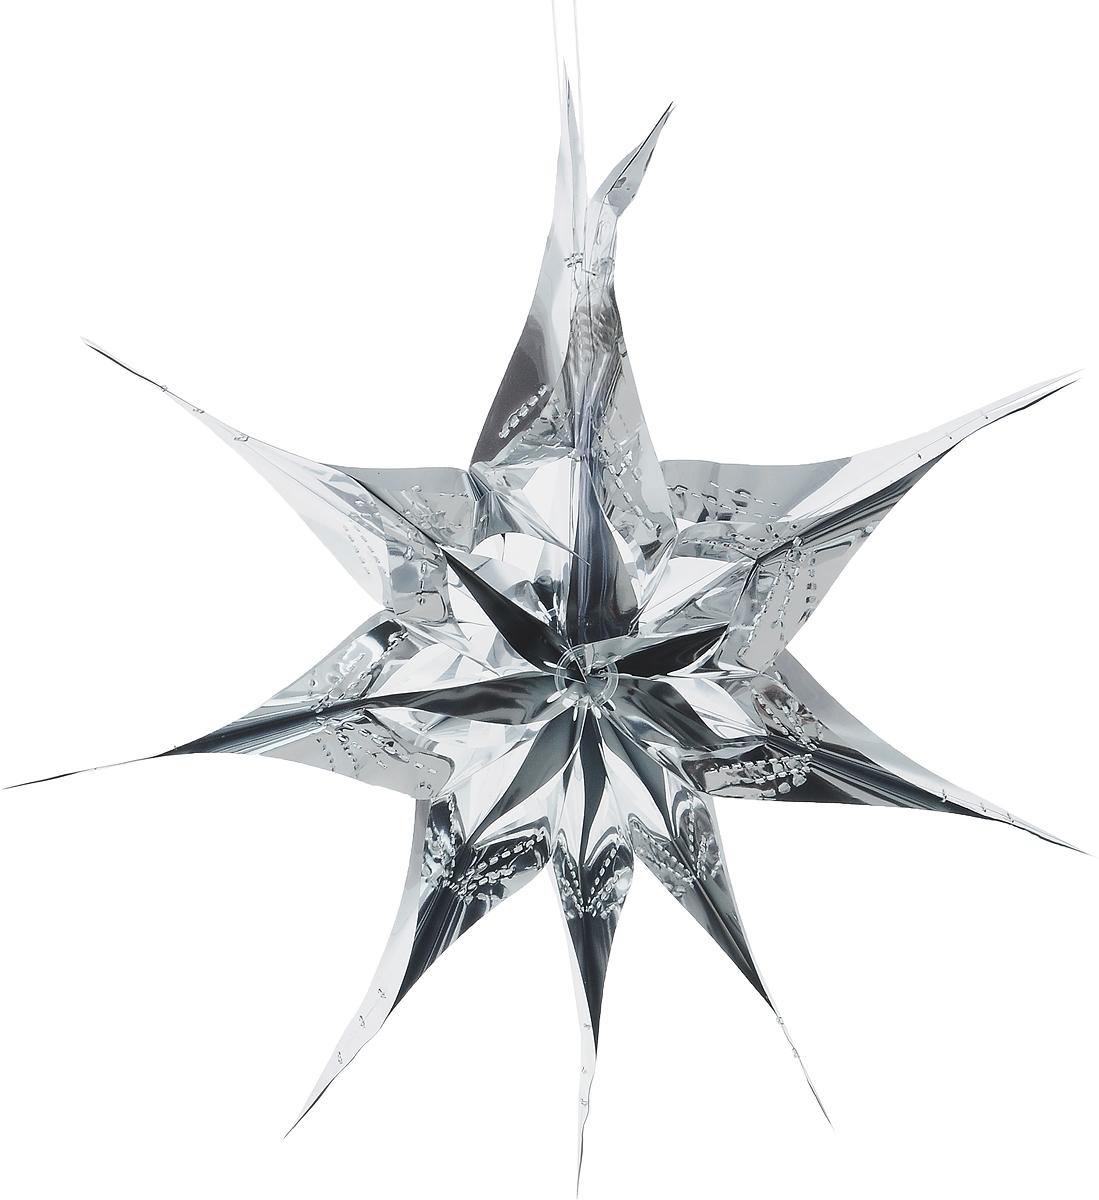 Украшение новогоднее подвесное Winter Wings Звезда, цвет: серебристый, диаметр 30 смN09174_серебристыйНовогоднее украшение Winter Wings Звезда прекрасно подойдет для декора дома и праздничной елки. Изделие выполнено из ПВХ. С помощью специальной петельки украшение можно повесить в любом понравившемся вам месте. Легко складывается и раскладывается.Новогодние украшения несут в себе волшебство и красоту праздника. Они помогут вам украсить дом к предстоящим праздникам и оживить интерьер по вашему вкусу. Создайте в доме атмосферу тепла, веселья и радости, украшая его всей семьей.